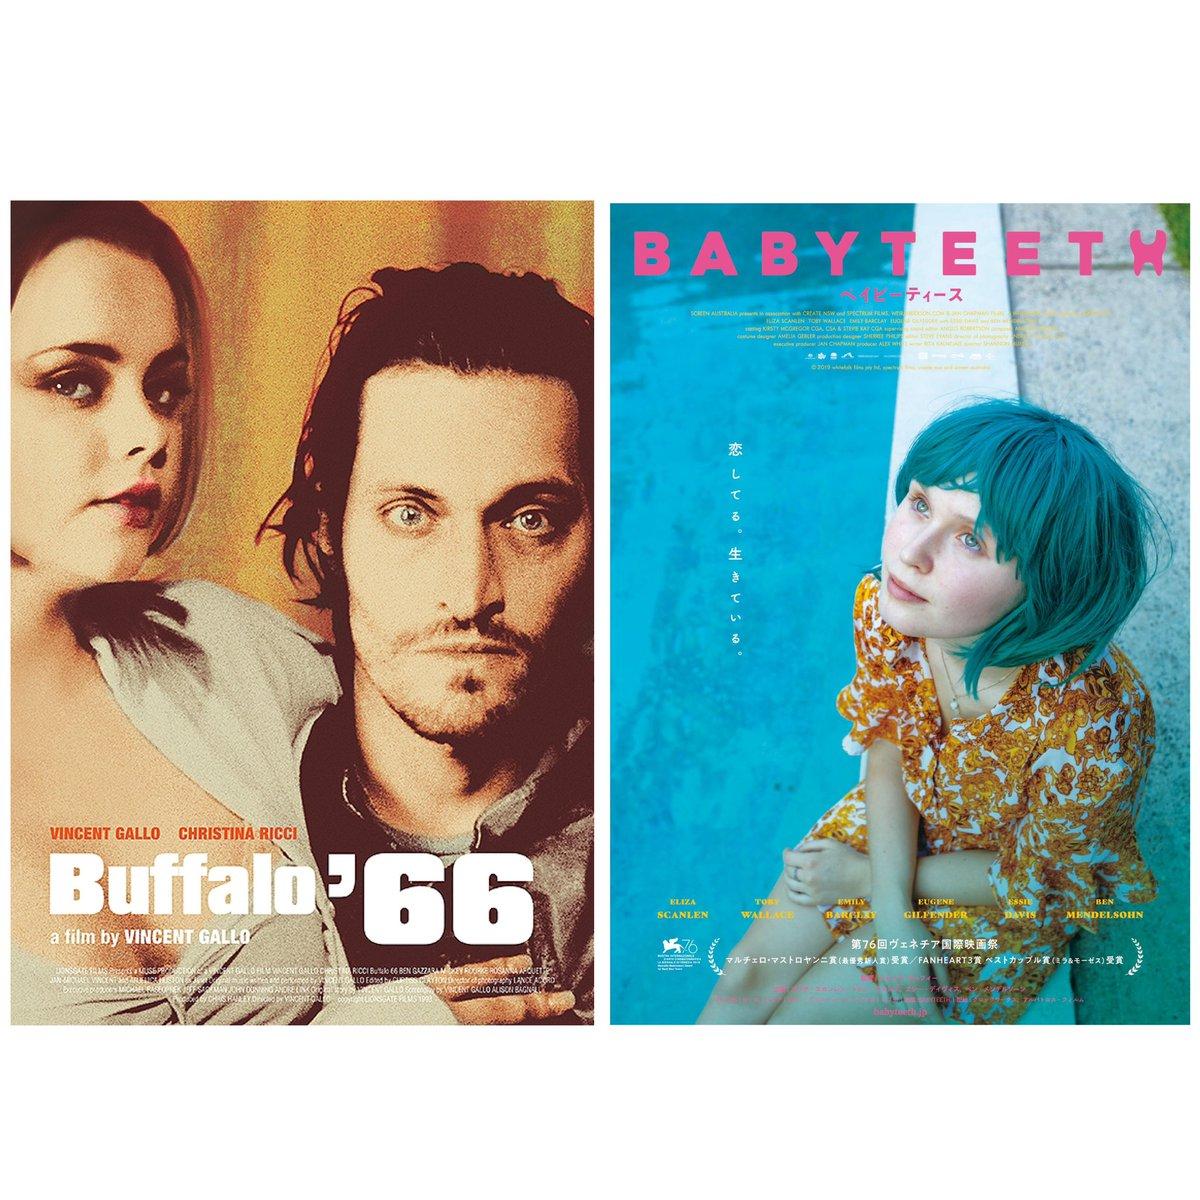 ティース ベイビー 映画『ベイビーティース』感想解説と考察。ラストまでエリザ・スカンレンの演技力と家族愛に泣ける感動作!